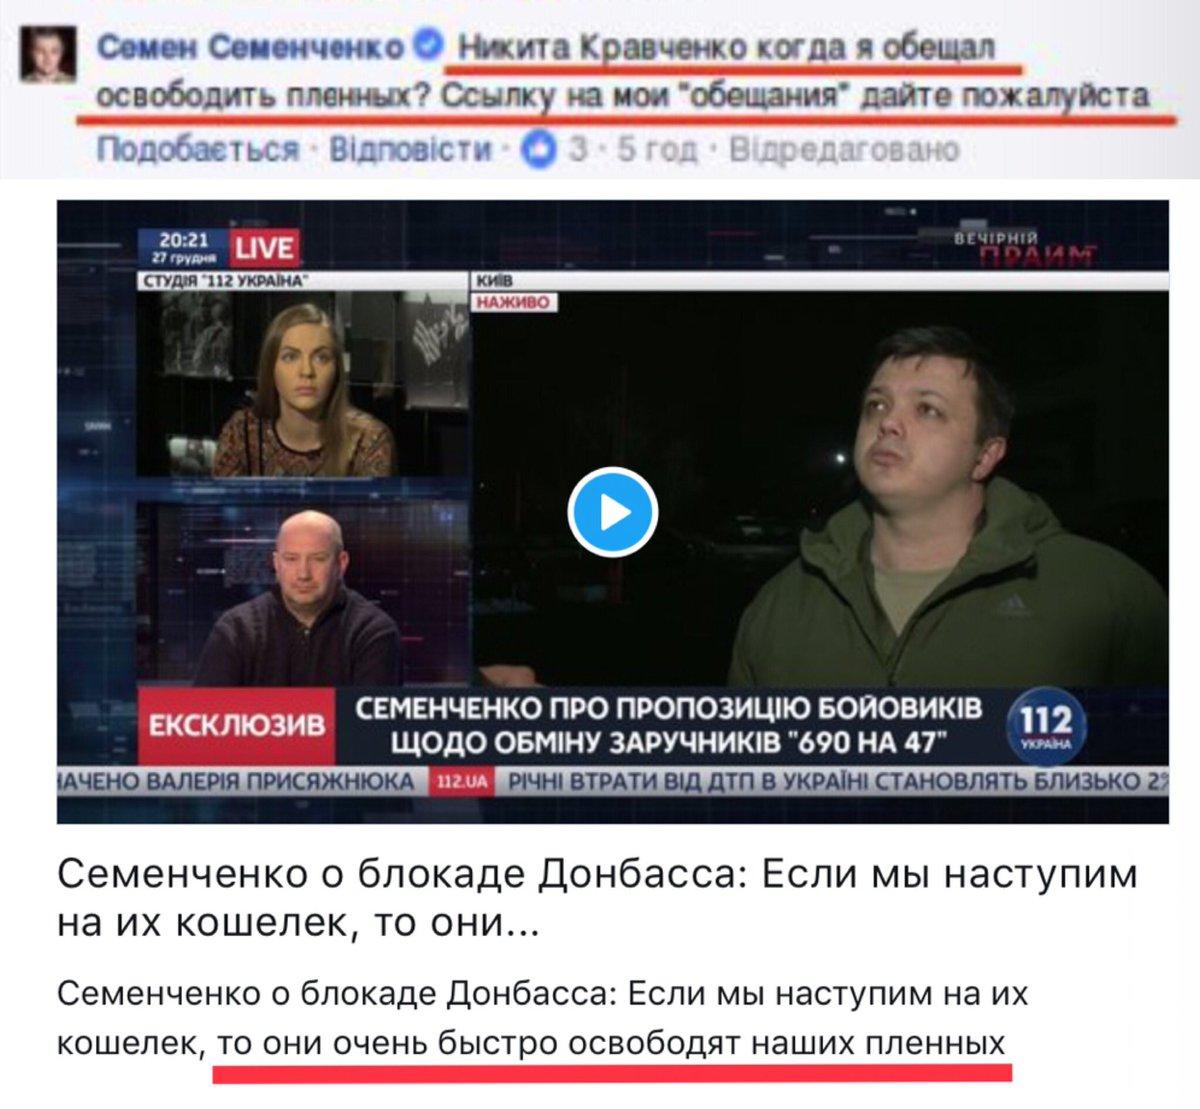 """Фотокорреспондент """"Левого берега"""" Требухов заявил о нападении полицейских - Цензор.НЕТ 3407"""